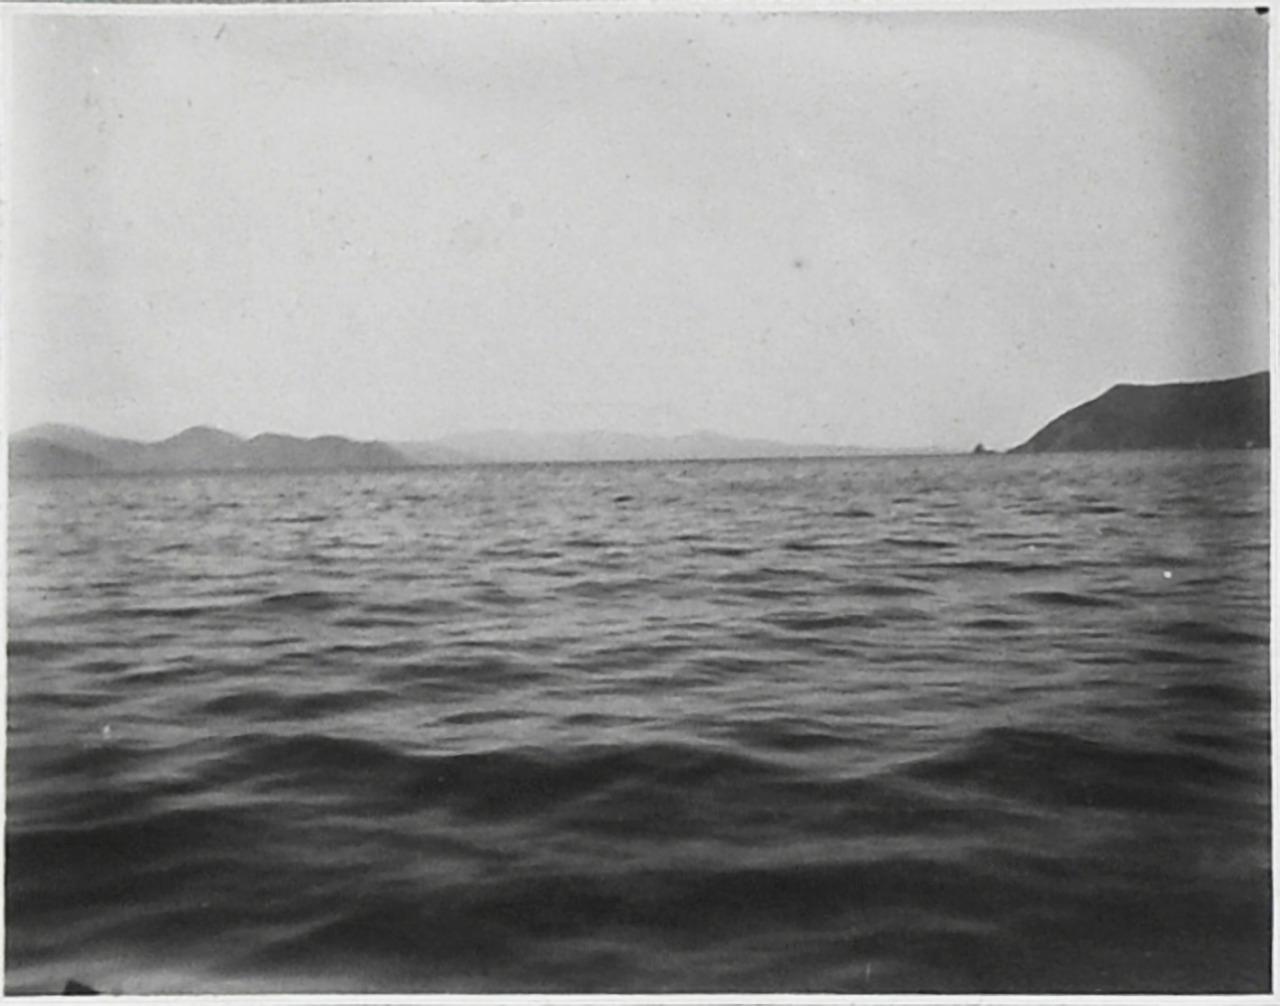 Побережье Охотского моря. 1932 год.